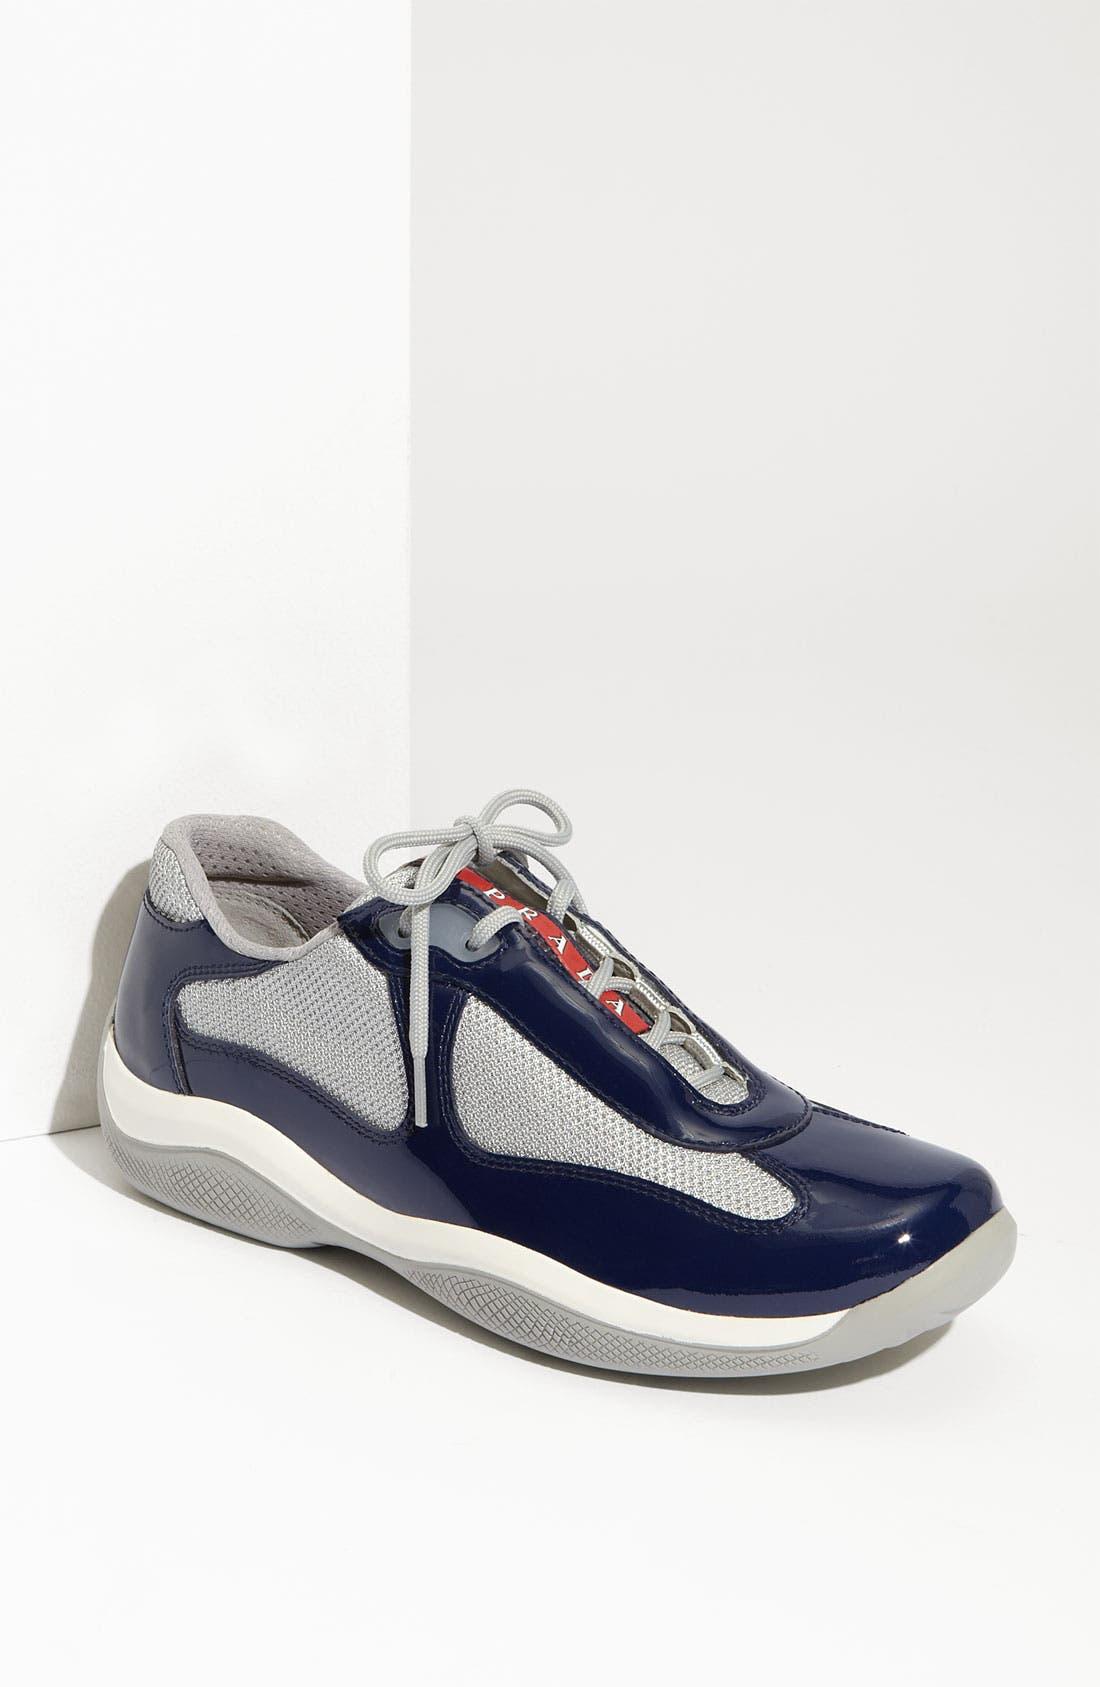 Alternate Image 1 Selected - Prada Patent Leather & Mesh Sneaker